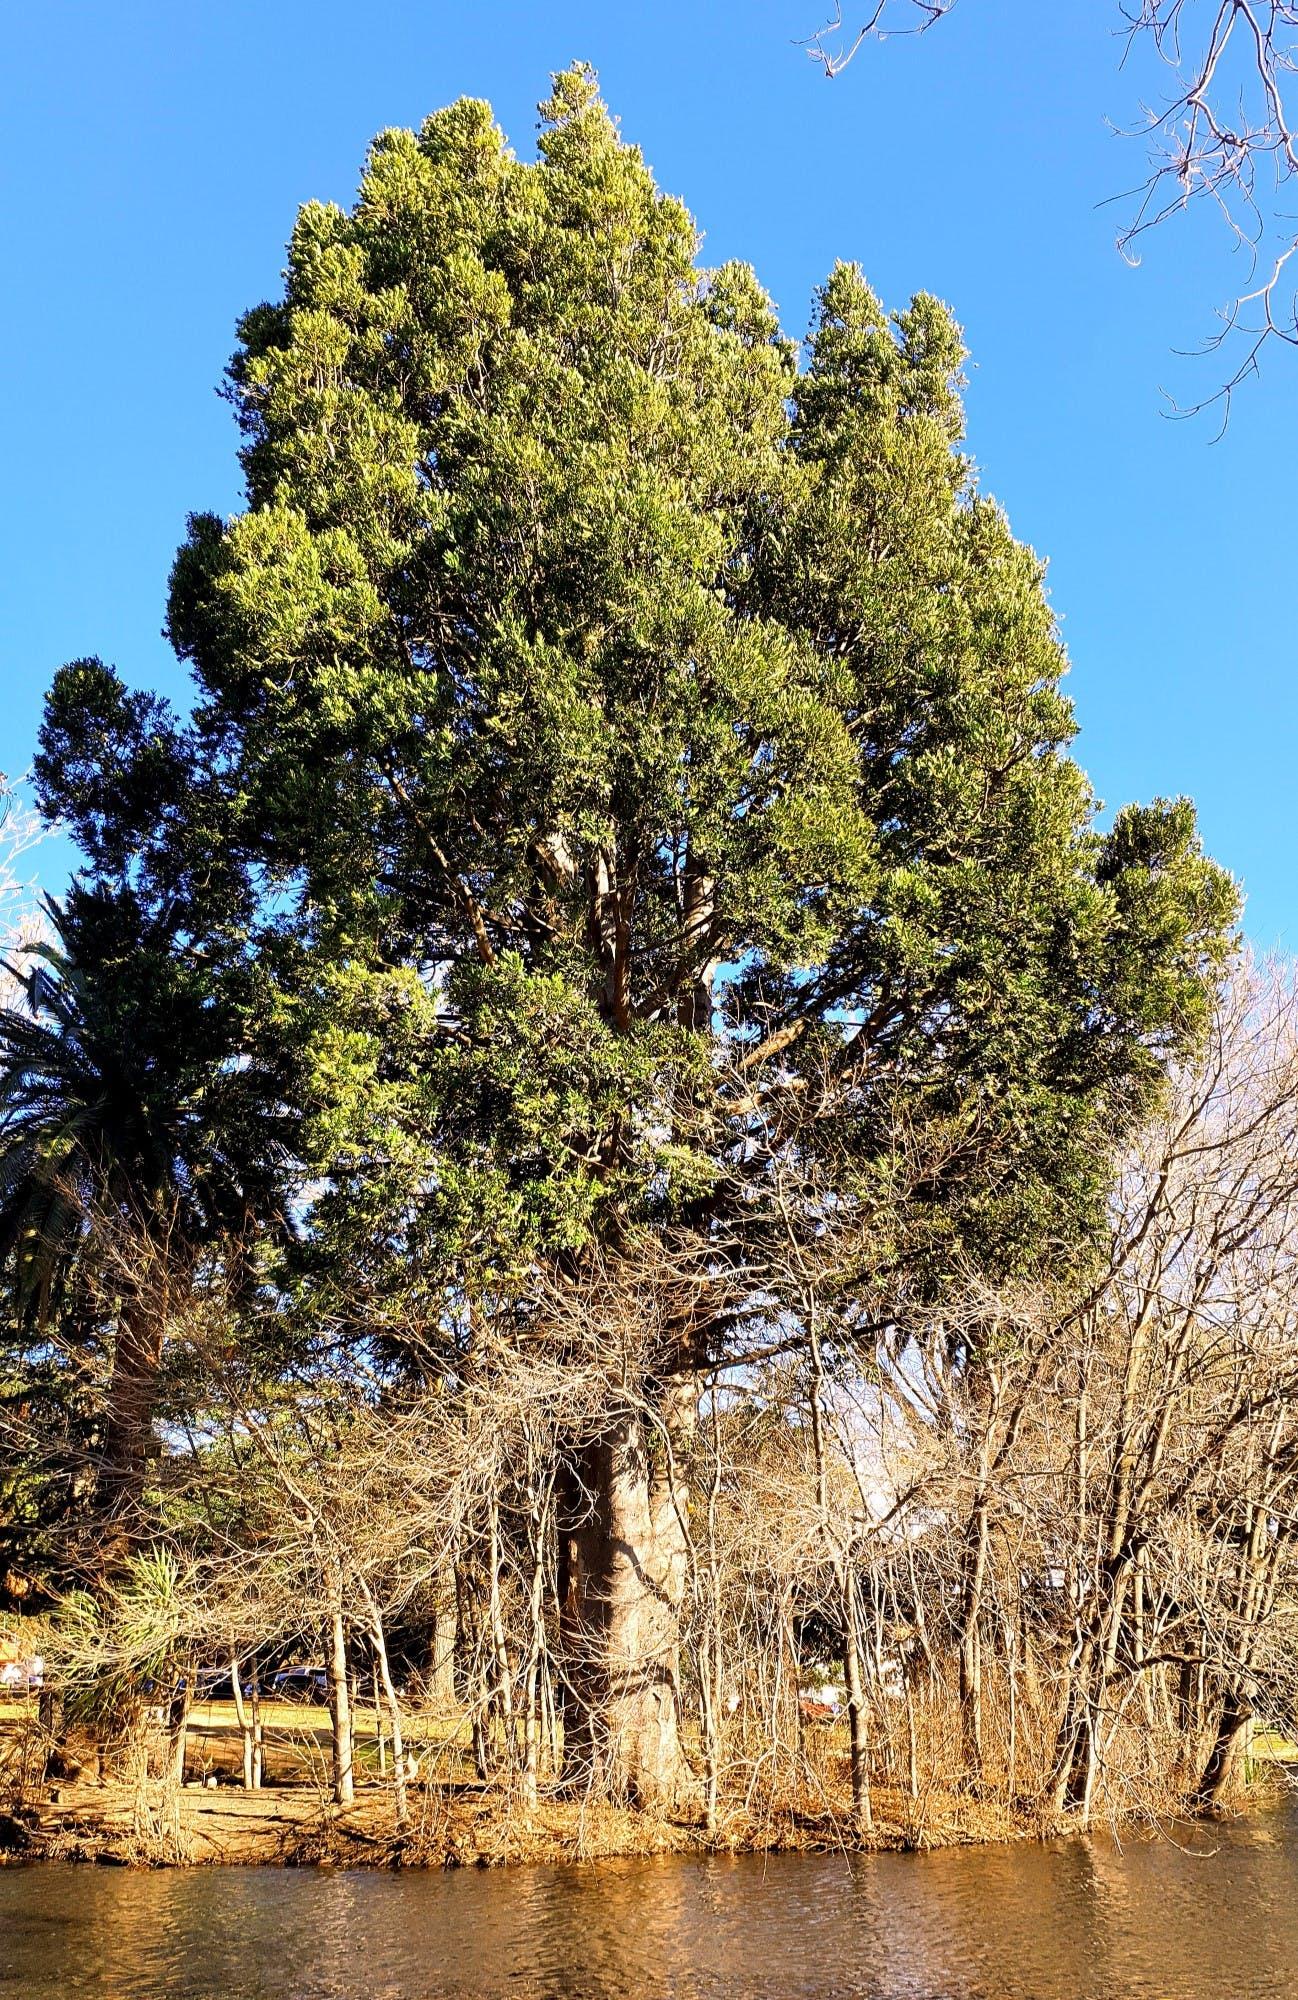 Agathis robusta - Australian Kauri